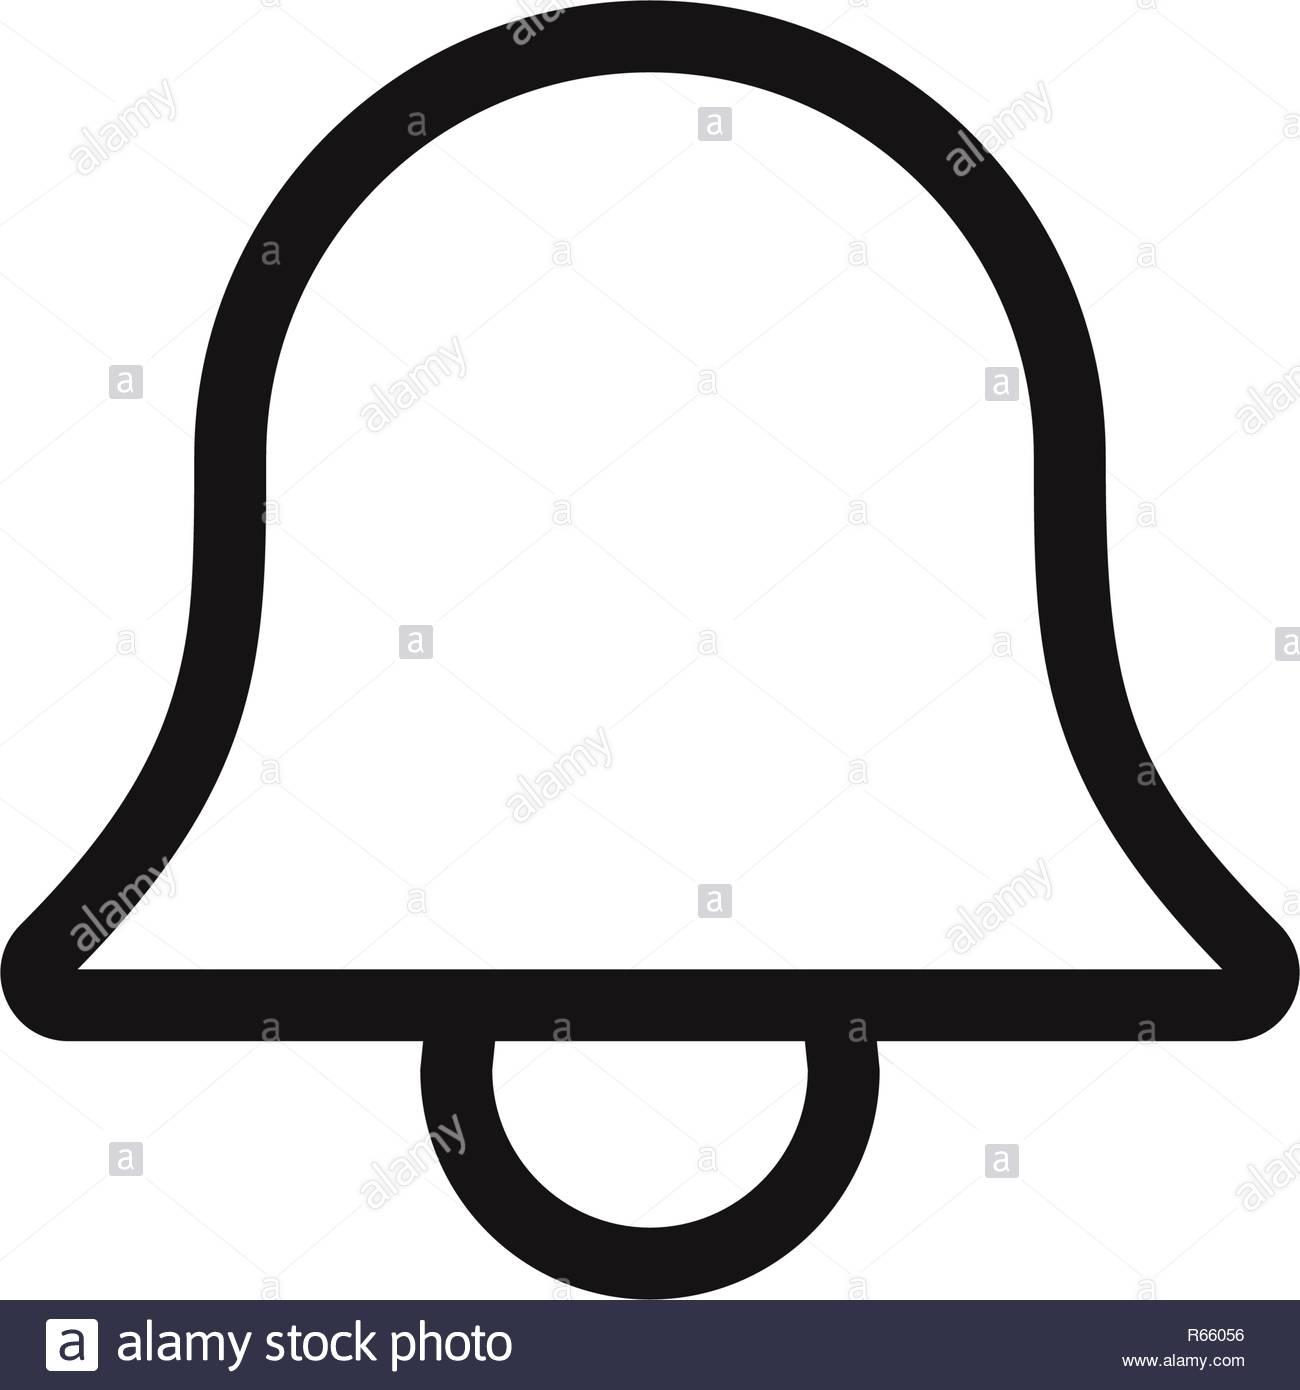 glockensymbol